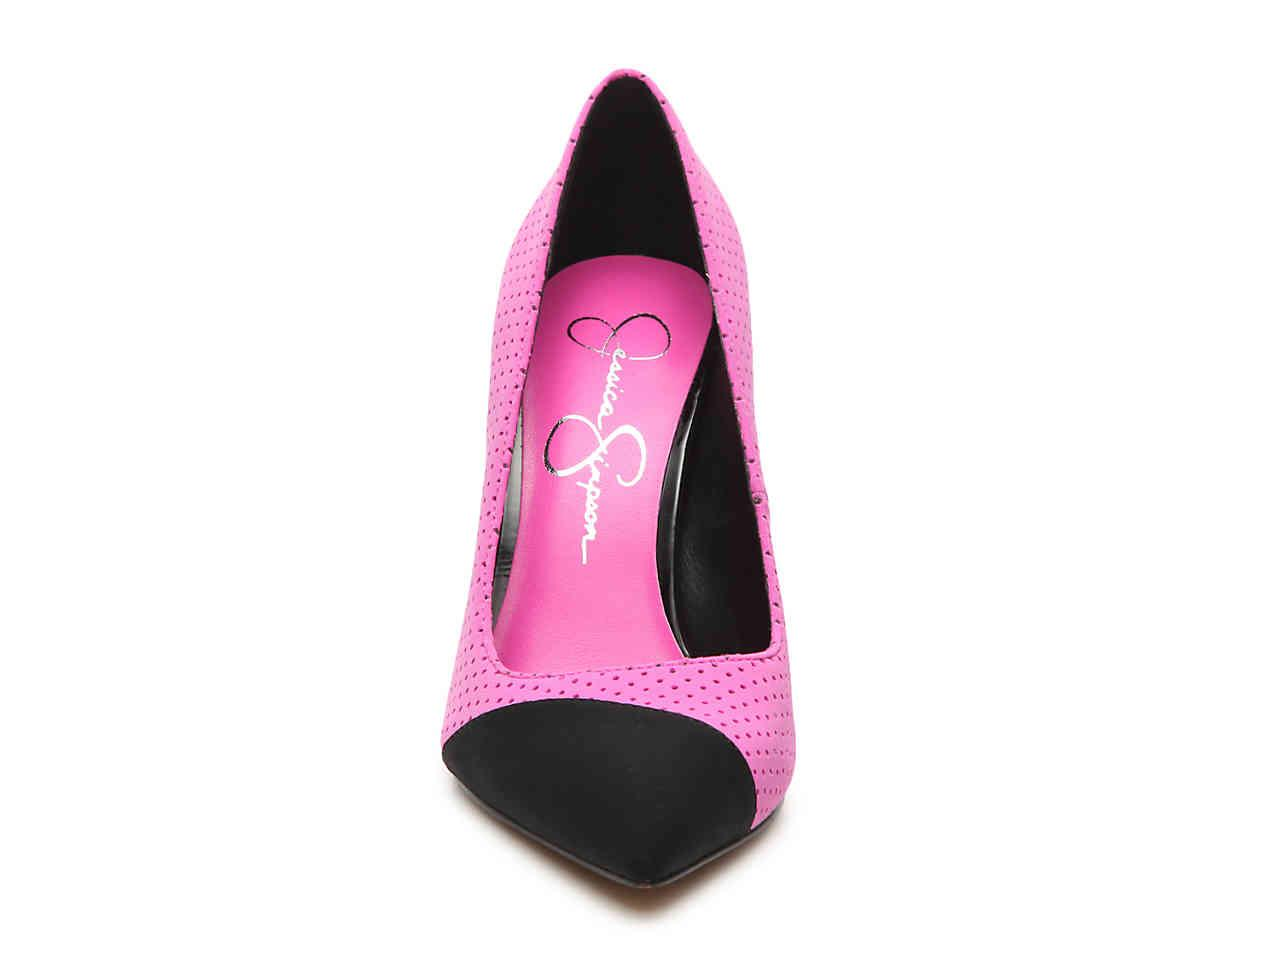 585799f89e1 Jessica Simpson - Pink Kasendra Pump - Lyst. View fullscreen